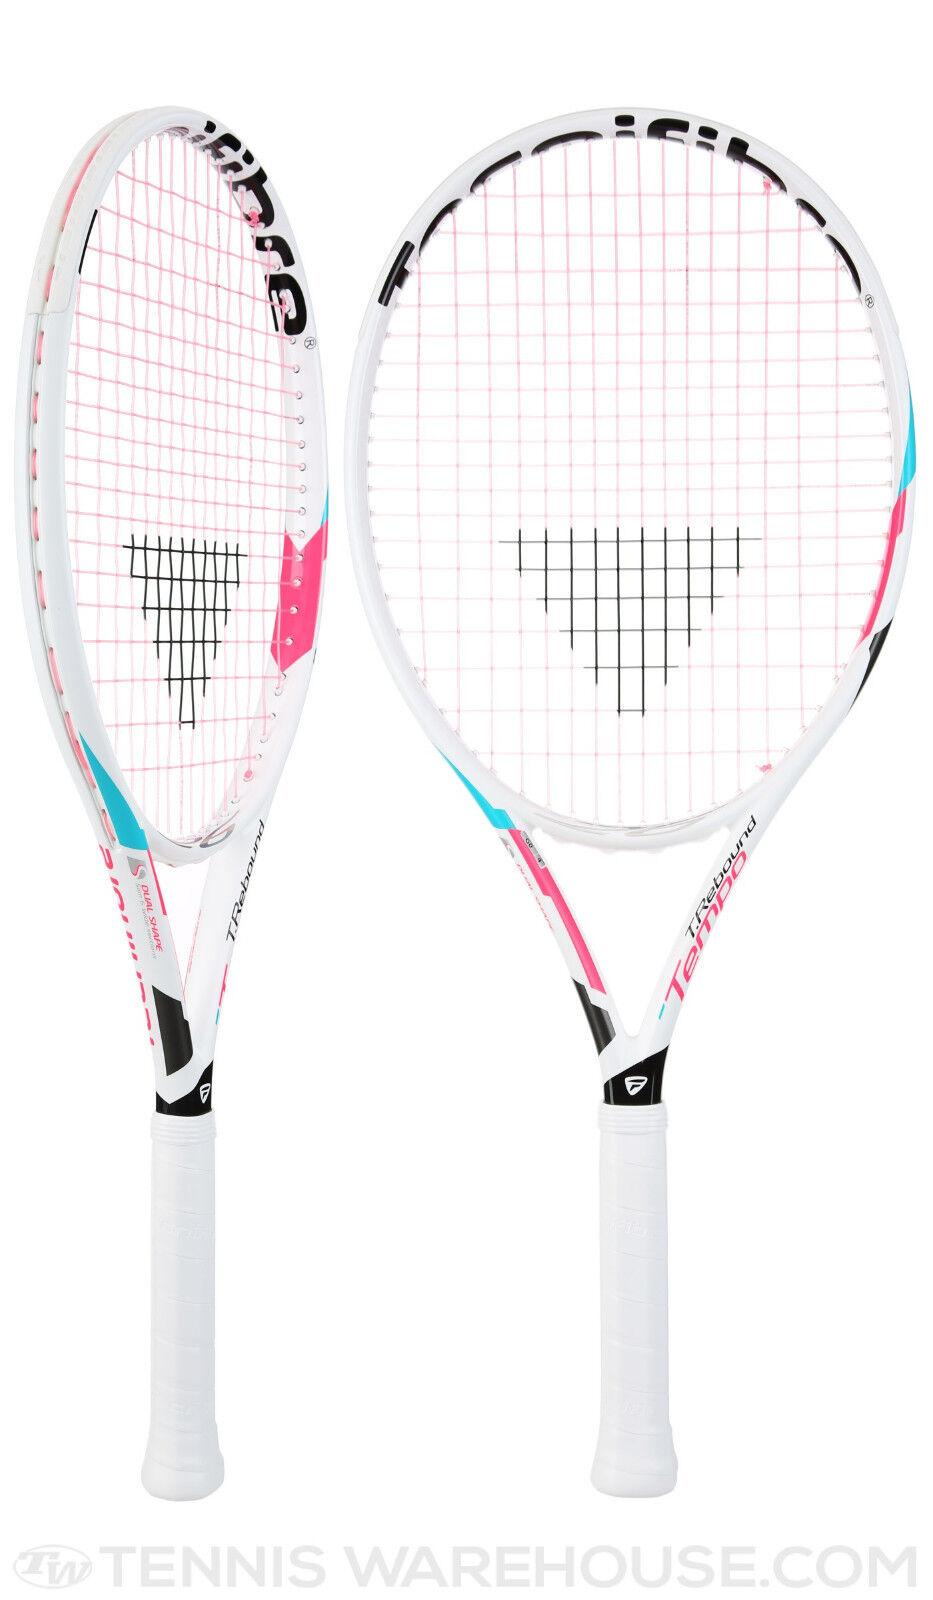 TECNIFIBRE Bambini Racchette da Tennis T-Reboud ritmo ritmo ritmo 23 14 Rebo 239h BIANCO NUOVO! 83176d